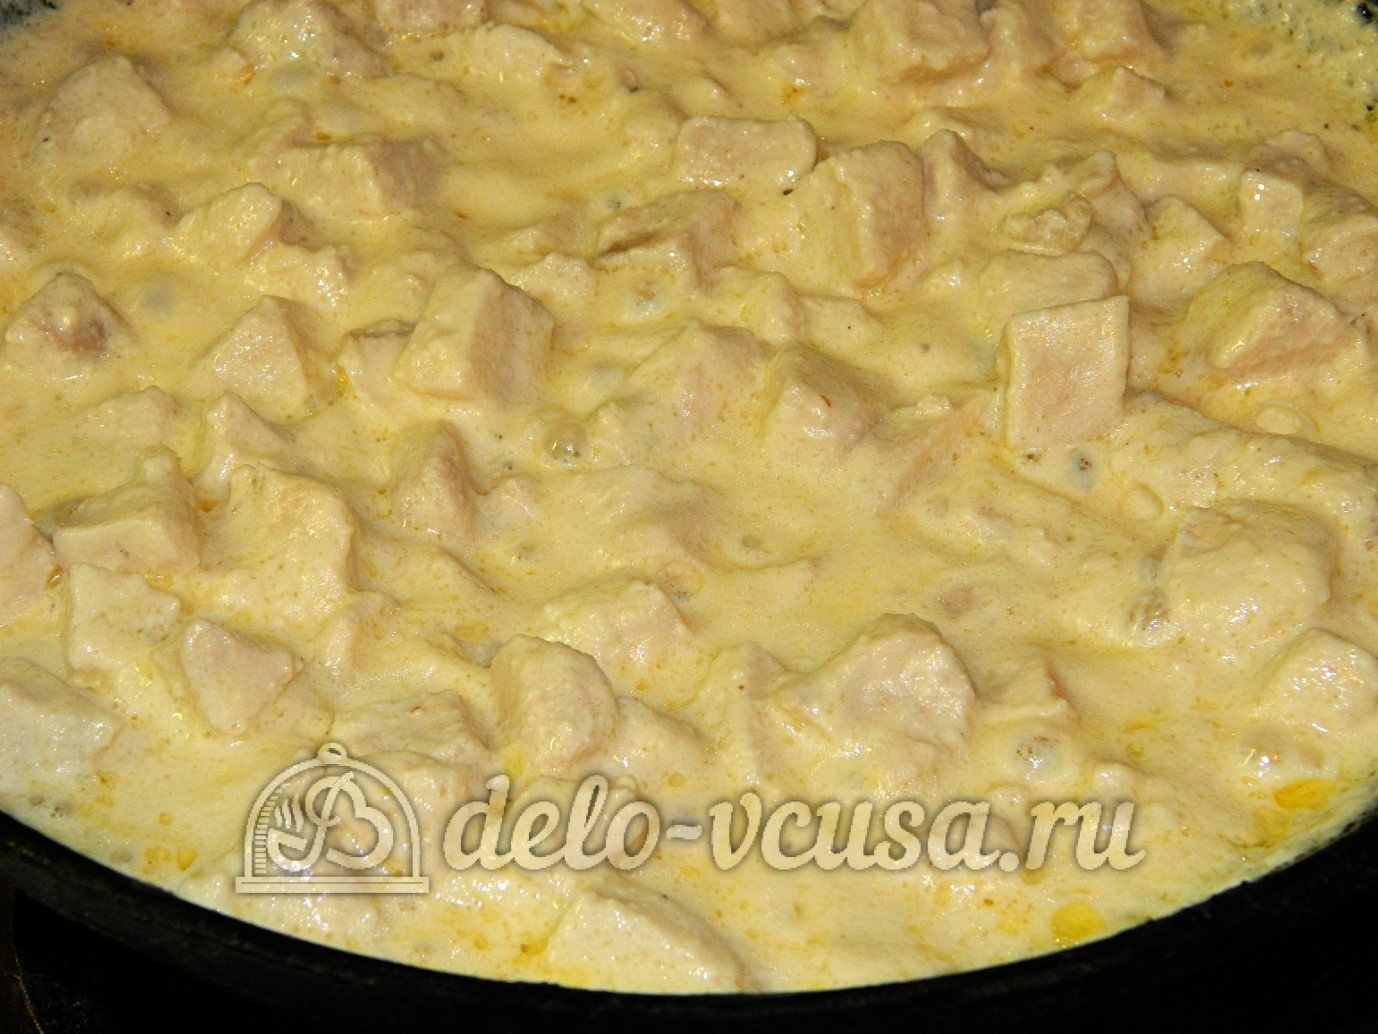 Рецепт филе курицы в майонезе на сковороде